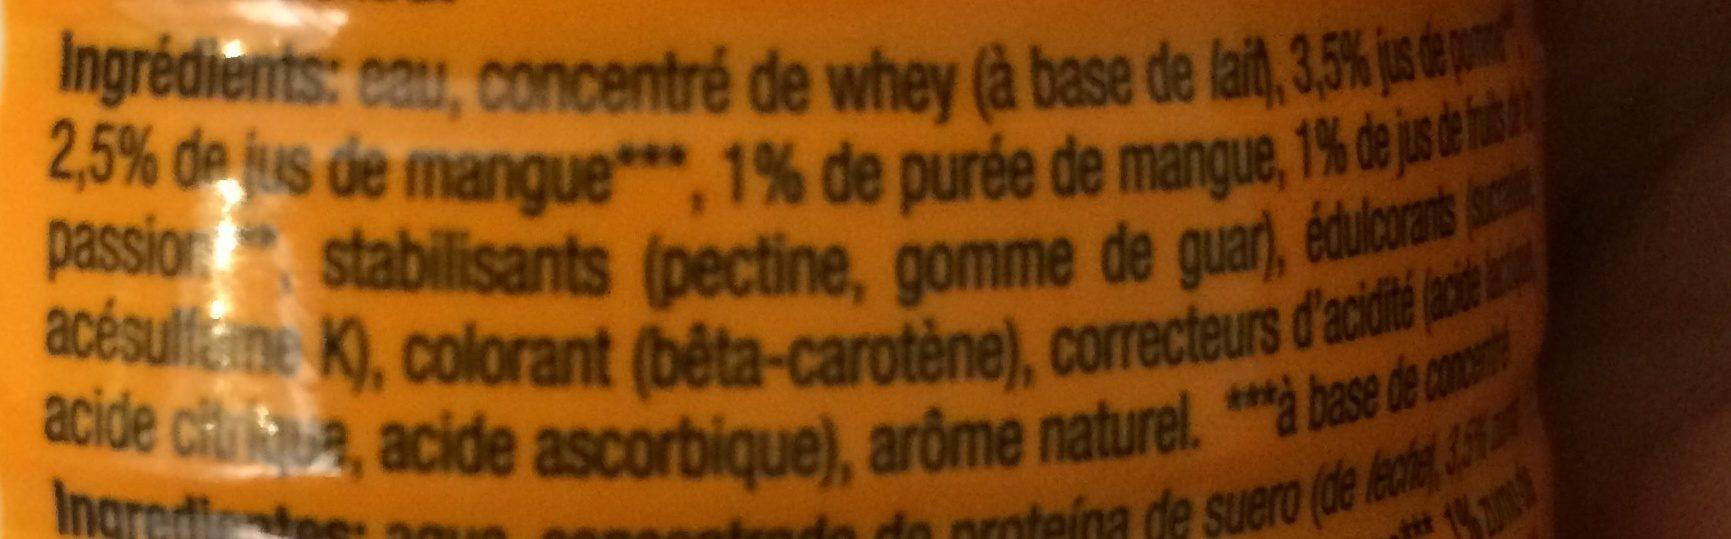 Protein Smoothie mangue fruit de la passion - Ingrédients - fr